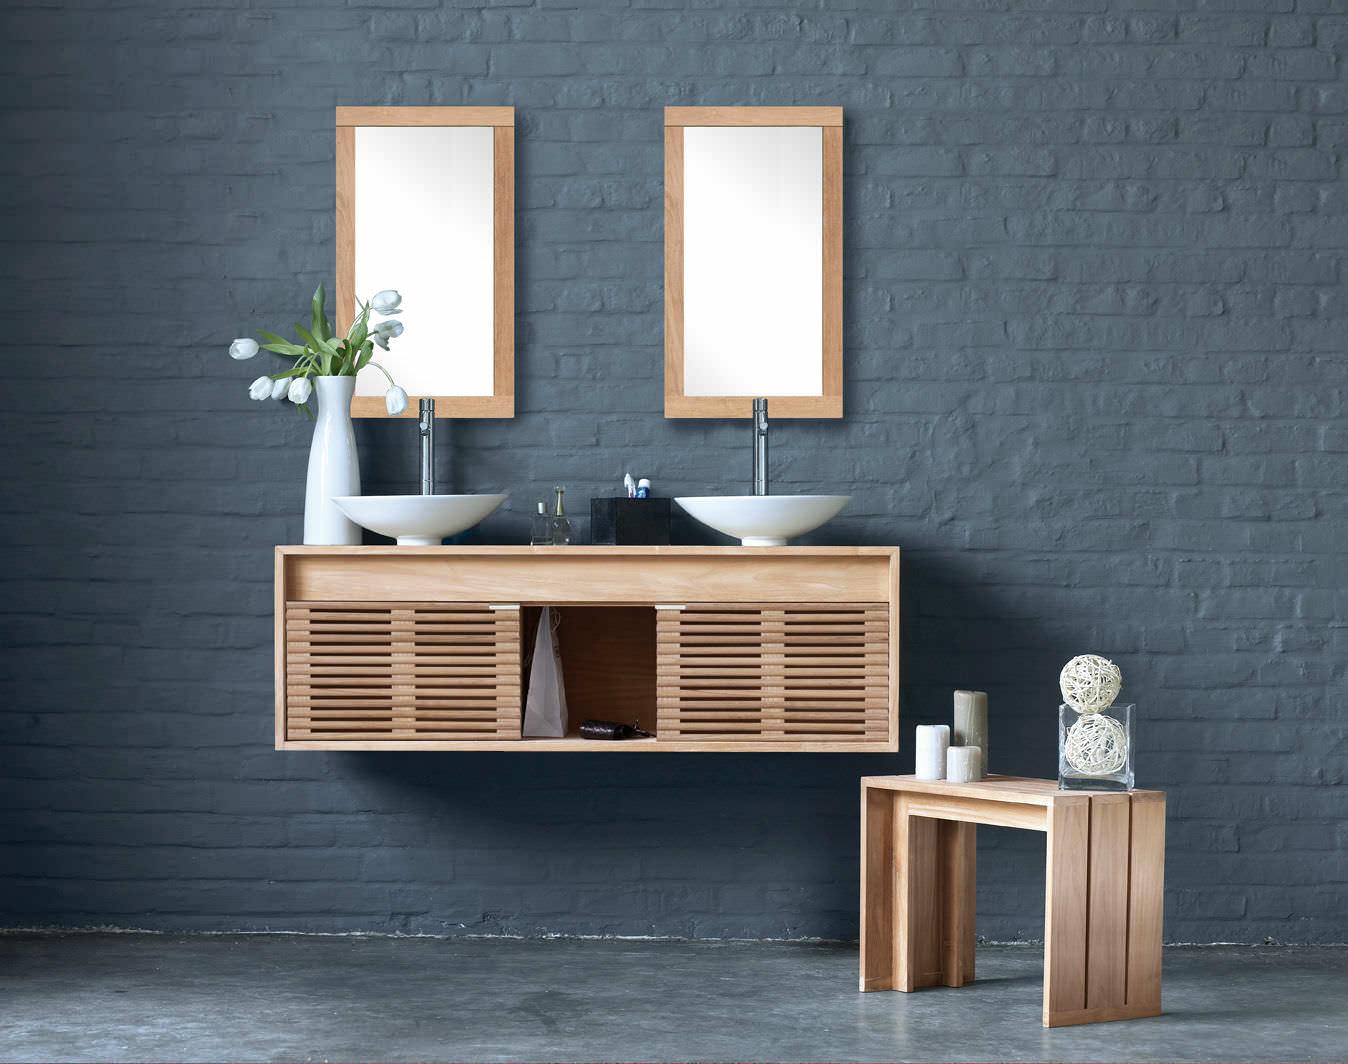 Lavabos Dobles Para Baño:Lavabos dobles para el baño – aqua